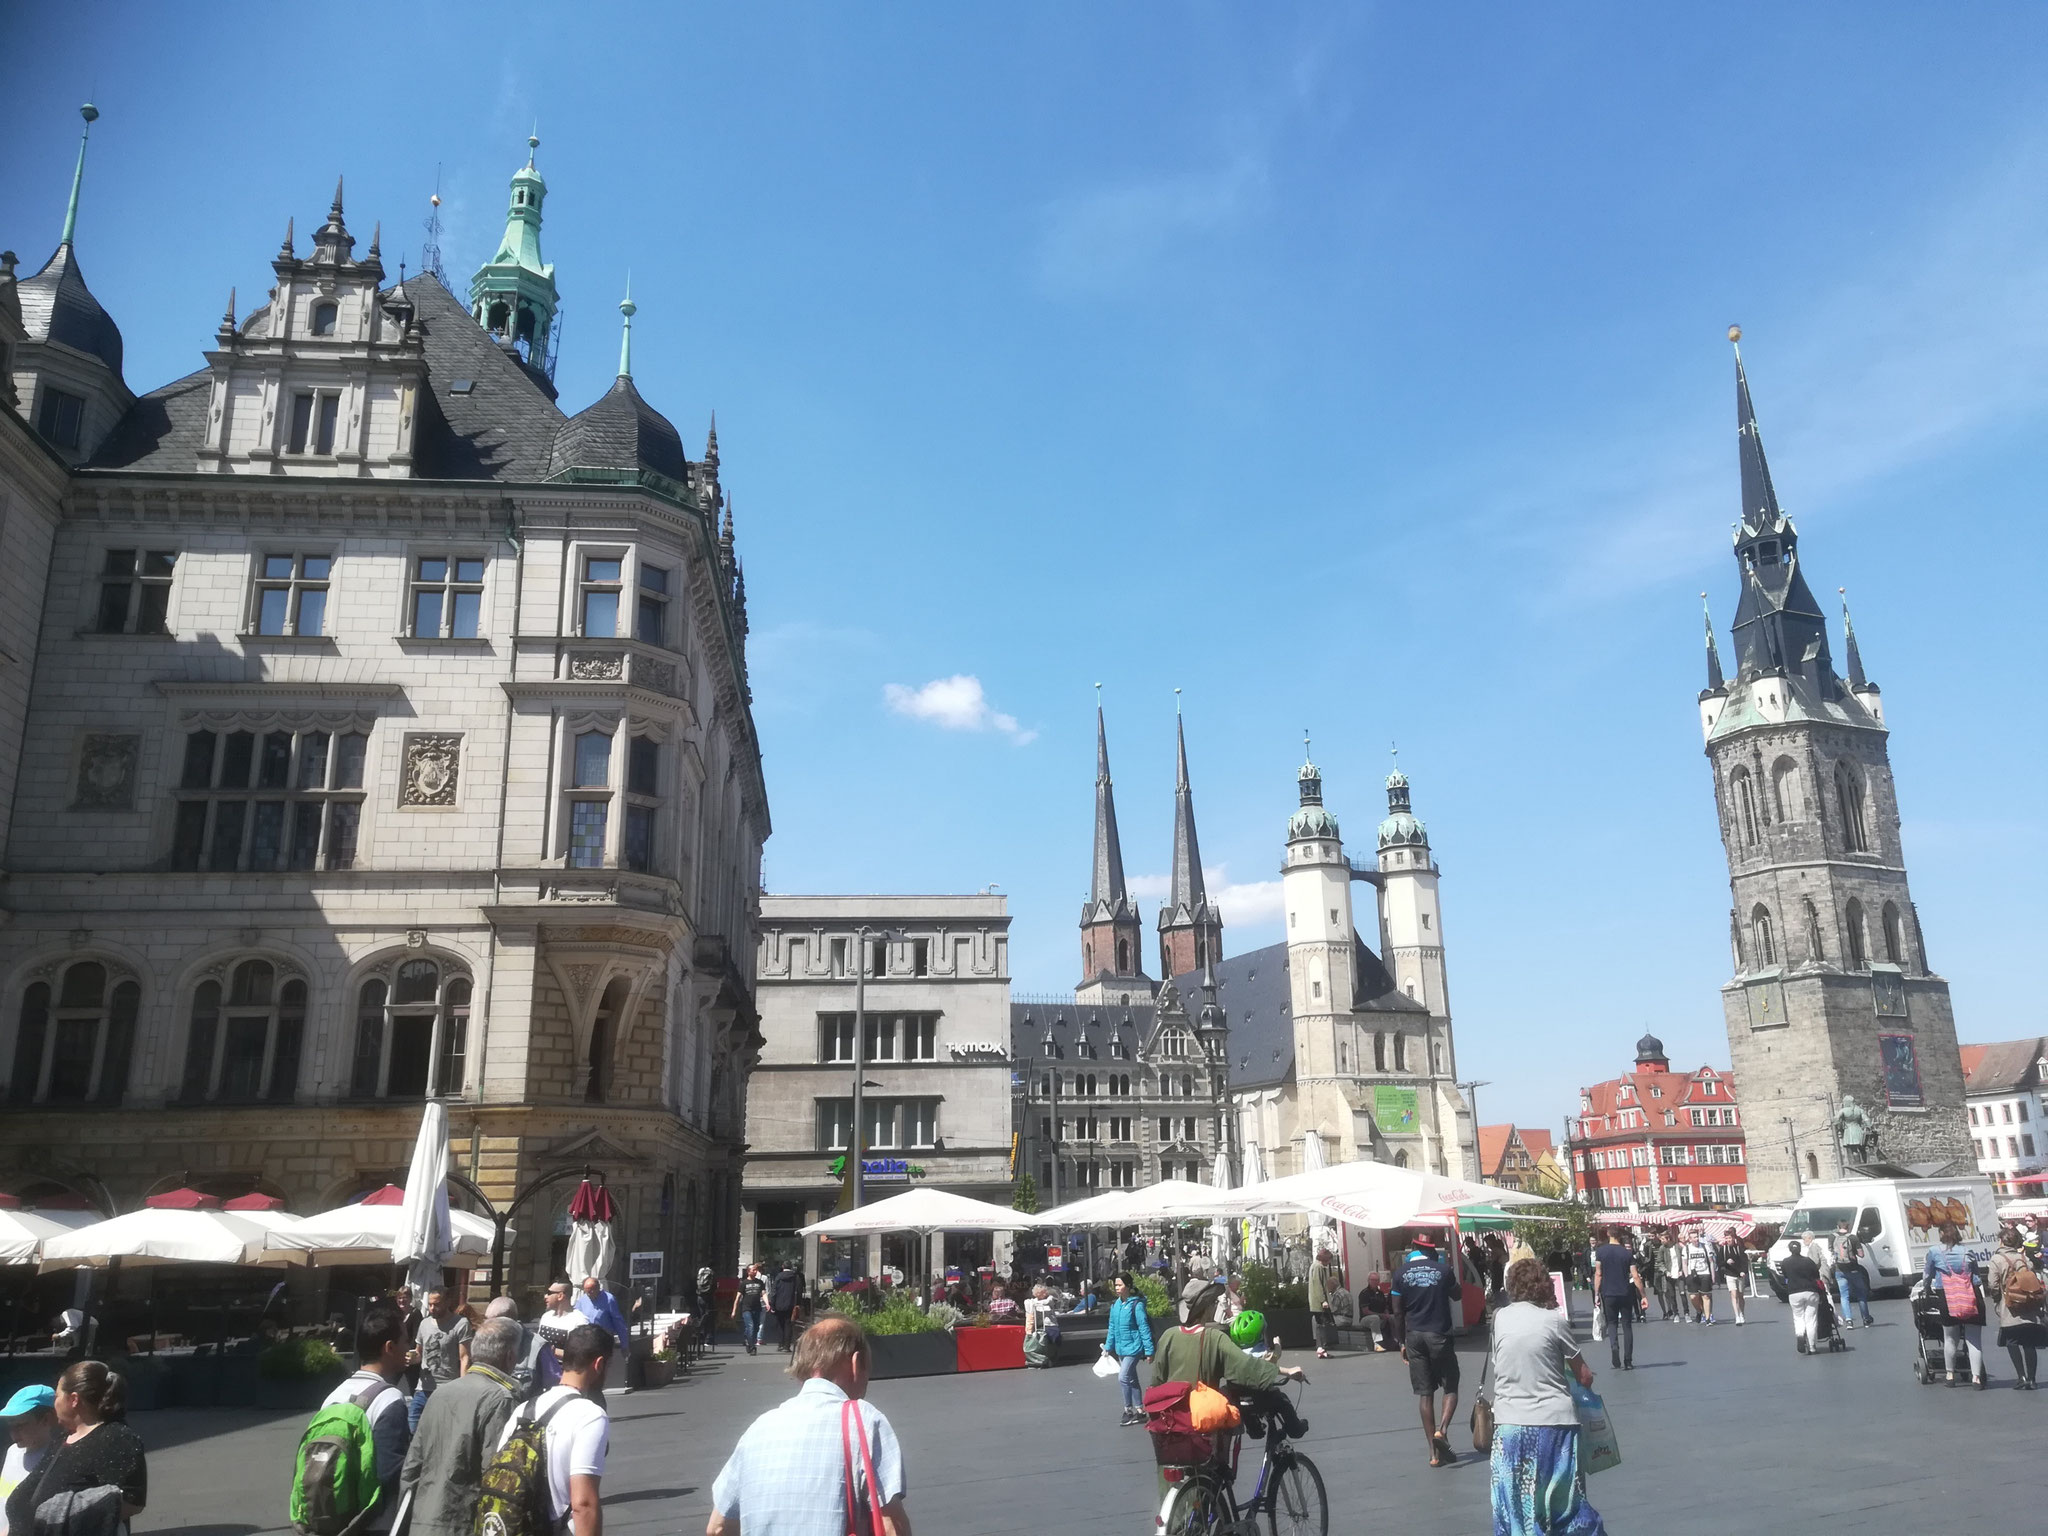 22. Mai 2017, Marktplatz in Halle (Saale)